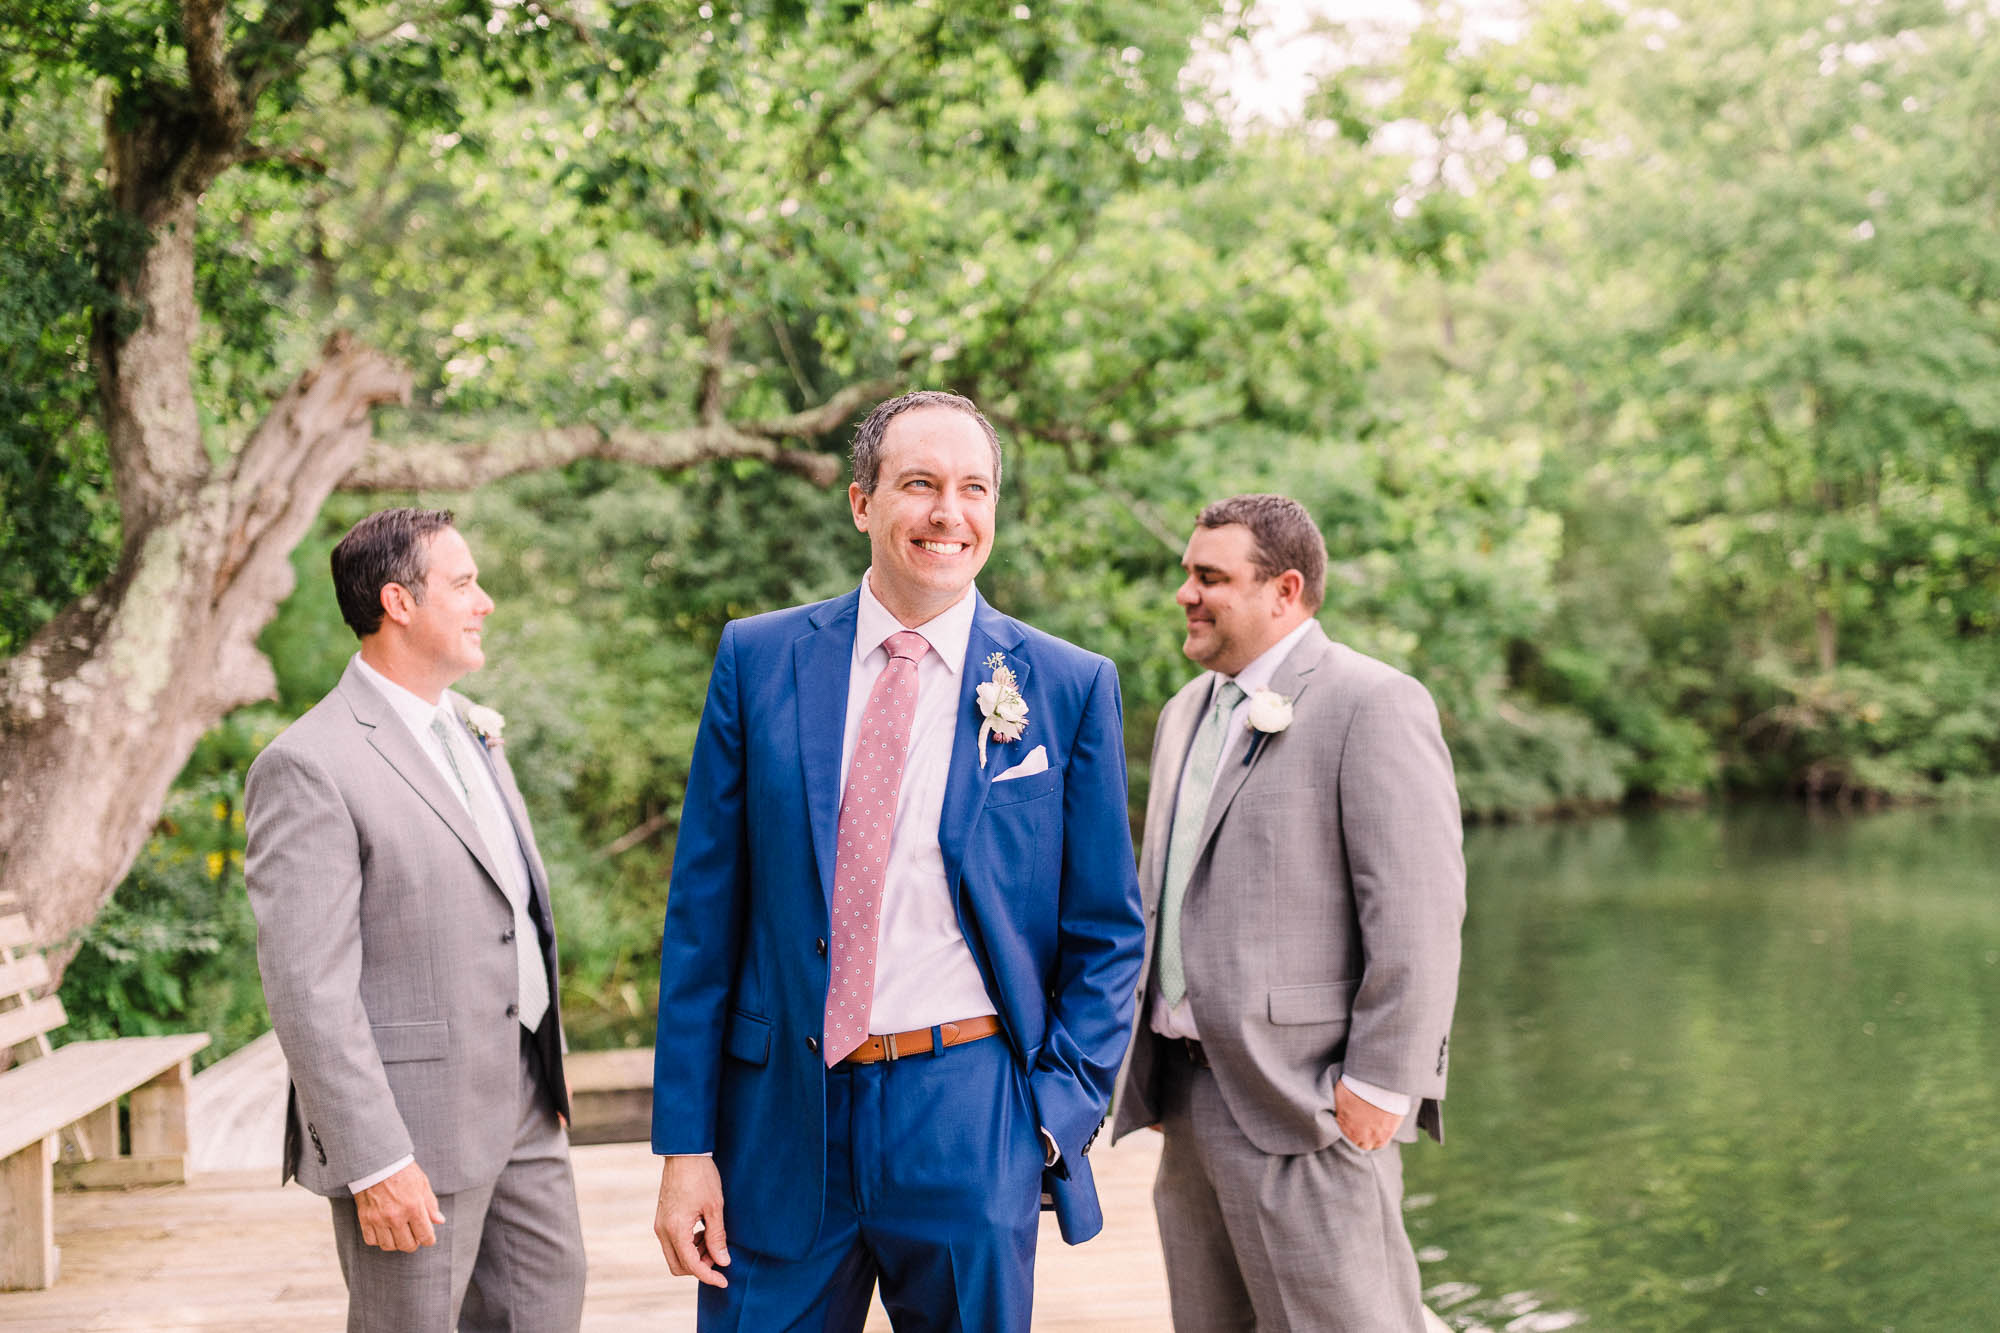 lake-wesauking-wedding-4556.jpg